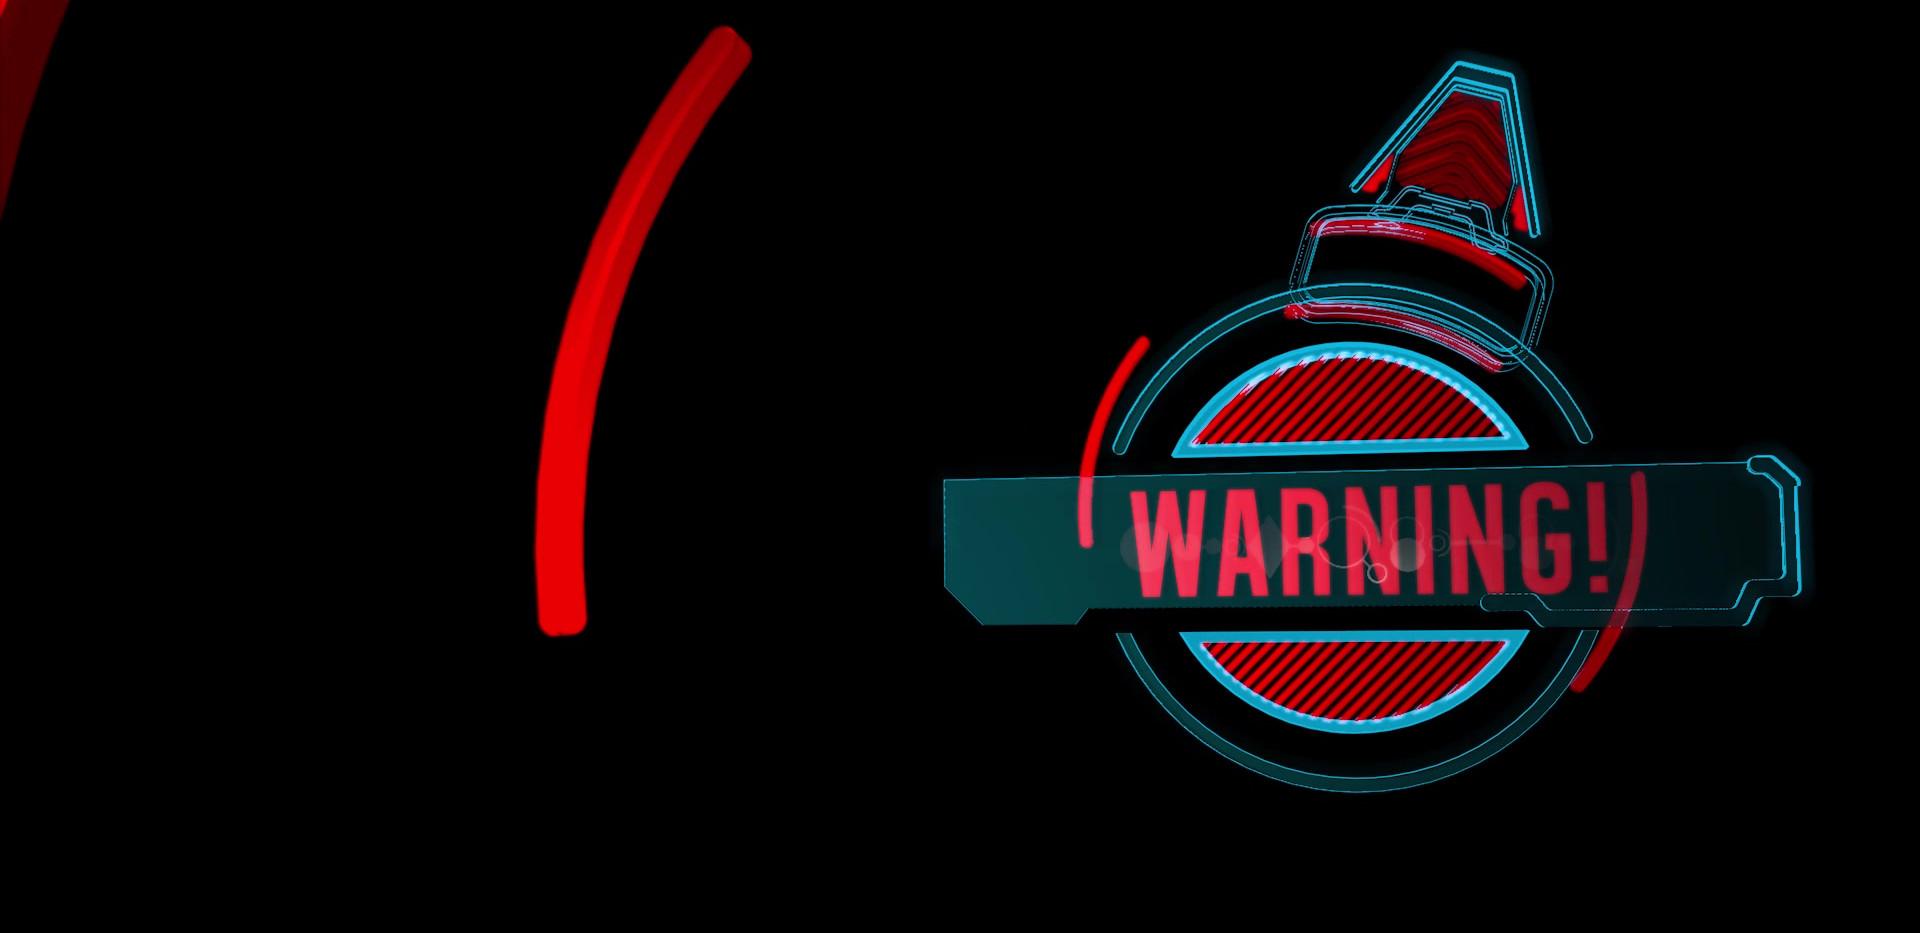 Warning Motion Test